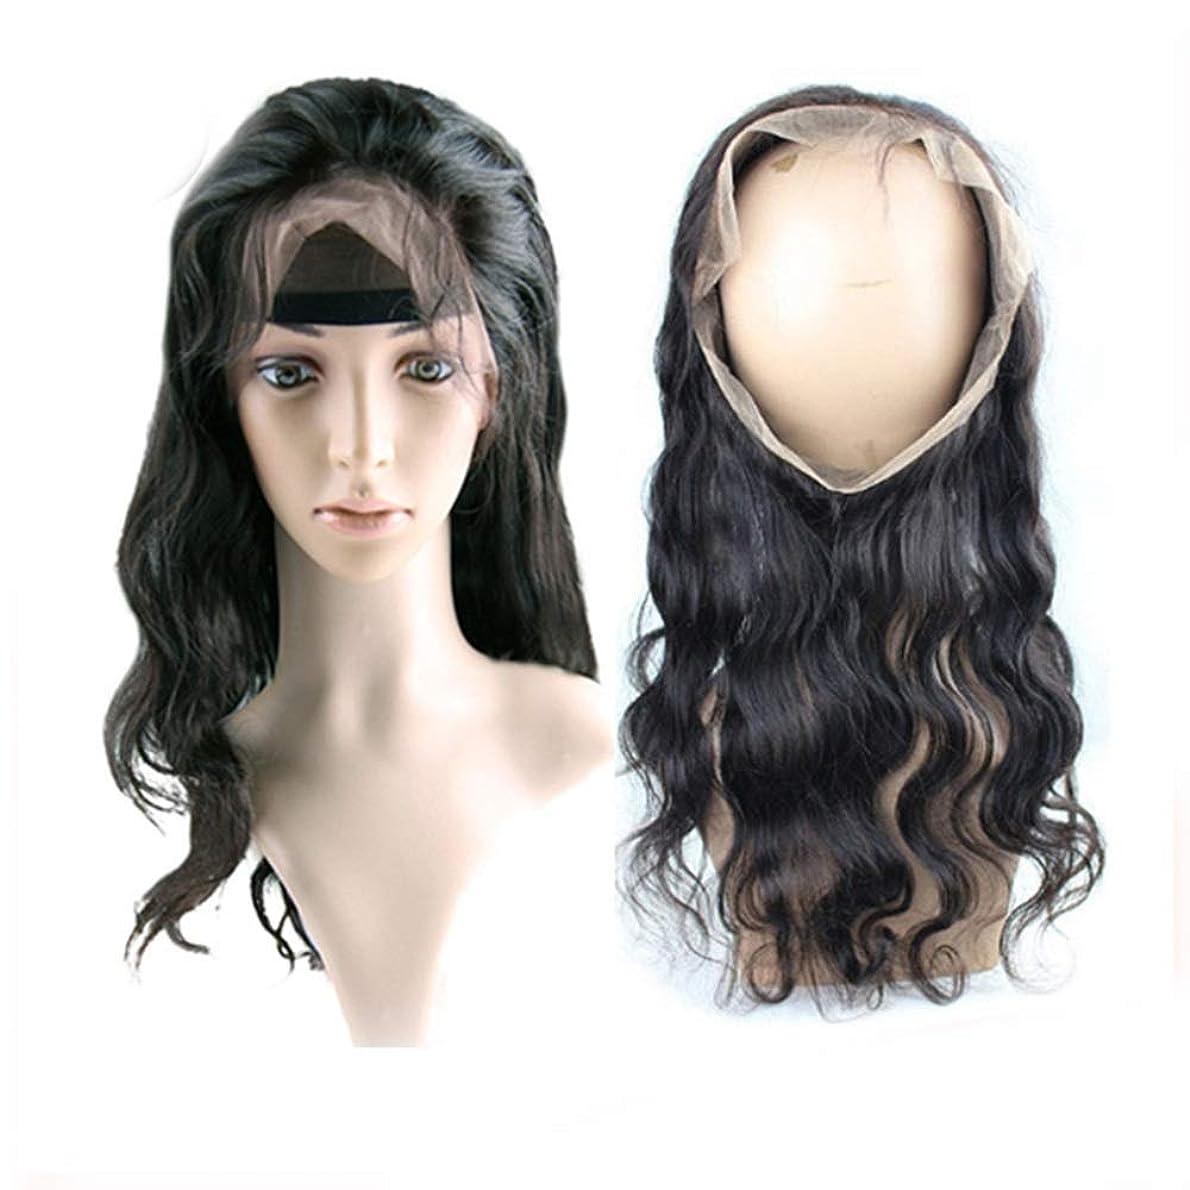 差し迫ったどのくらいの頻度で天文学BOBIDYEE 360°ヘアピース本物の髪の毛フルハンドメイドフルレースウィッグロングカーリーヘアは染めることができます複合ヘアレースウィッグロールプレイングかつら (色 : 黒, サイズ : 12inch)